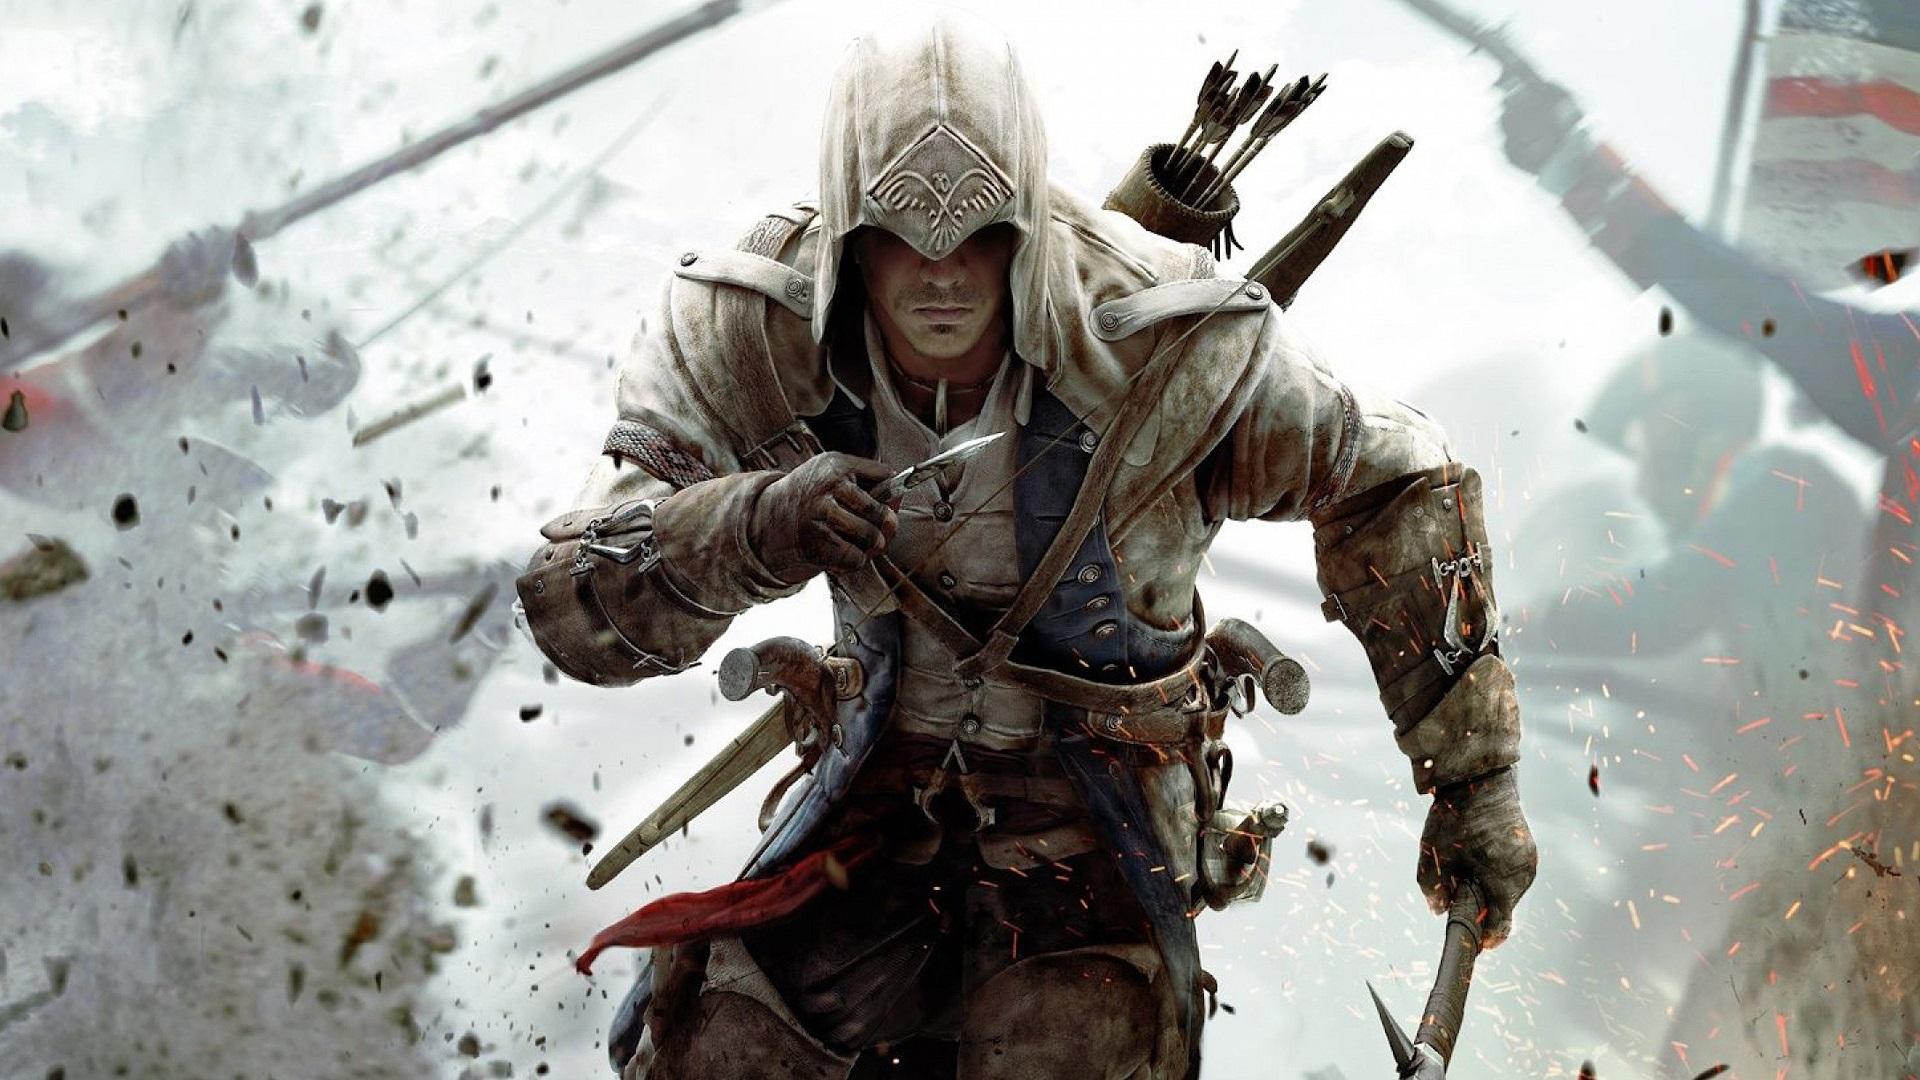 《刺客信条 3:重制版》IGN 评测 7.8 分:风光秀丽的时光回溯之旅